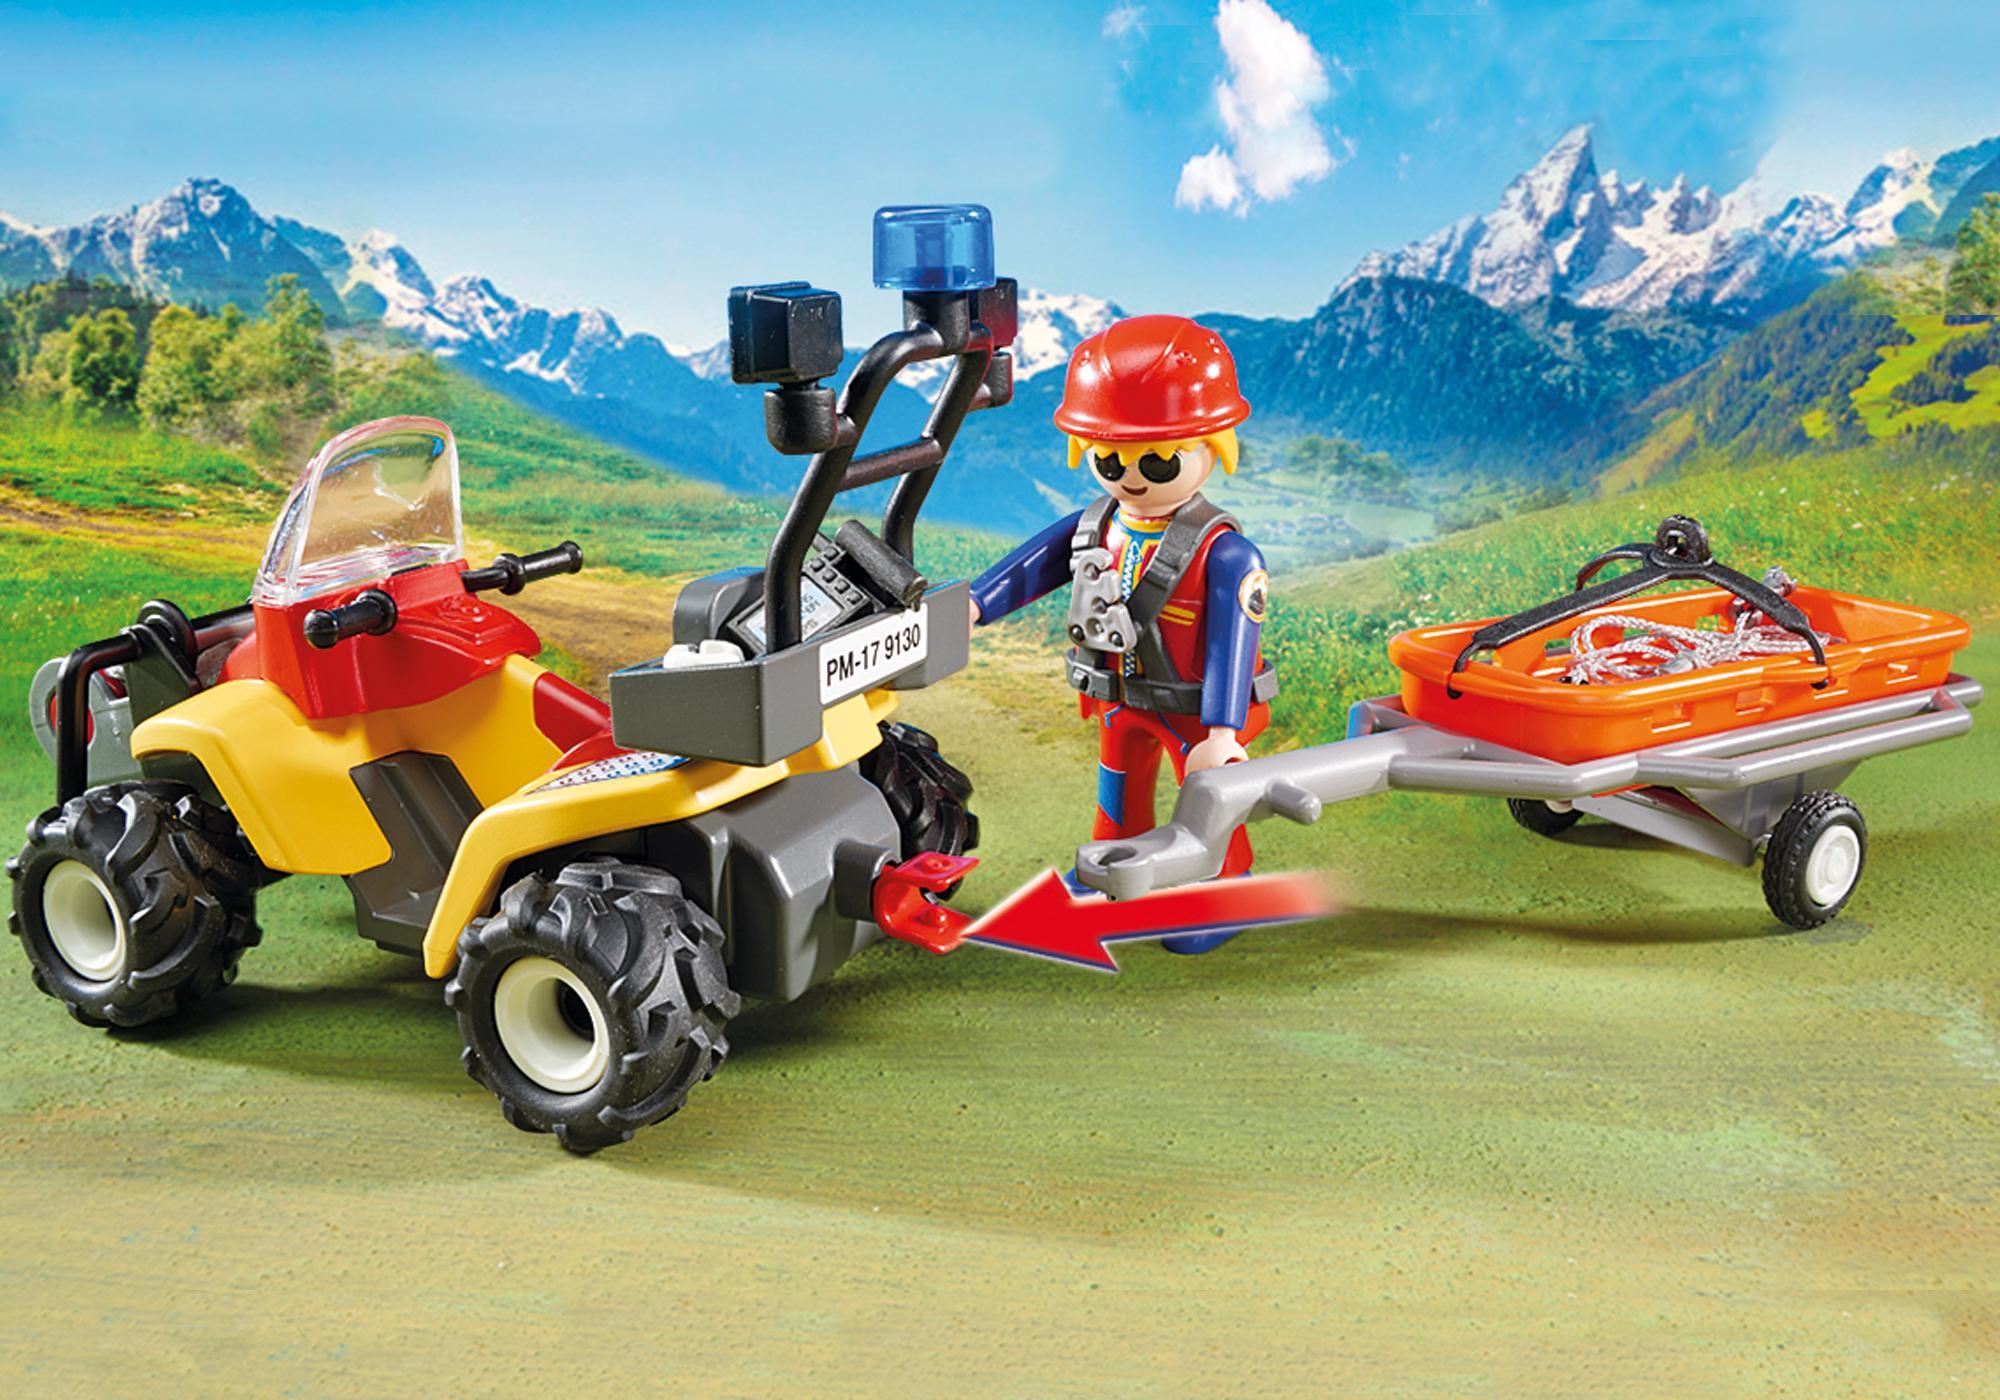 http://media.playmobil.com/i/playmobil/9130_product_extra2/Quad soccorso alpino